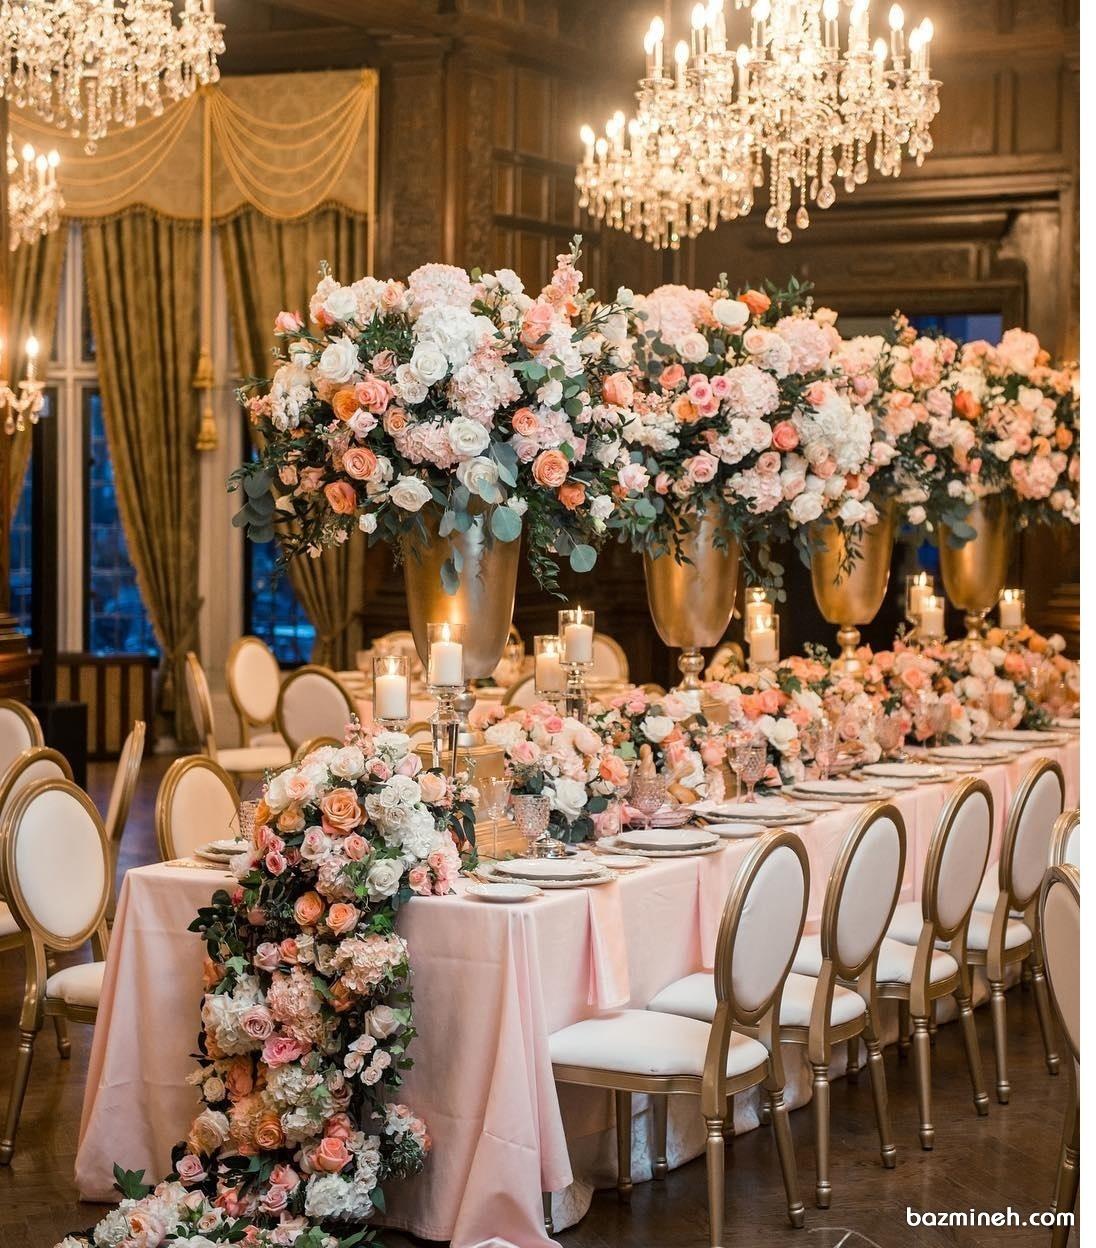 دکوراسیون و گل آرایی شیک میز پذیرایی جشن عروسی